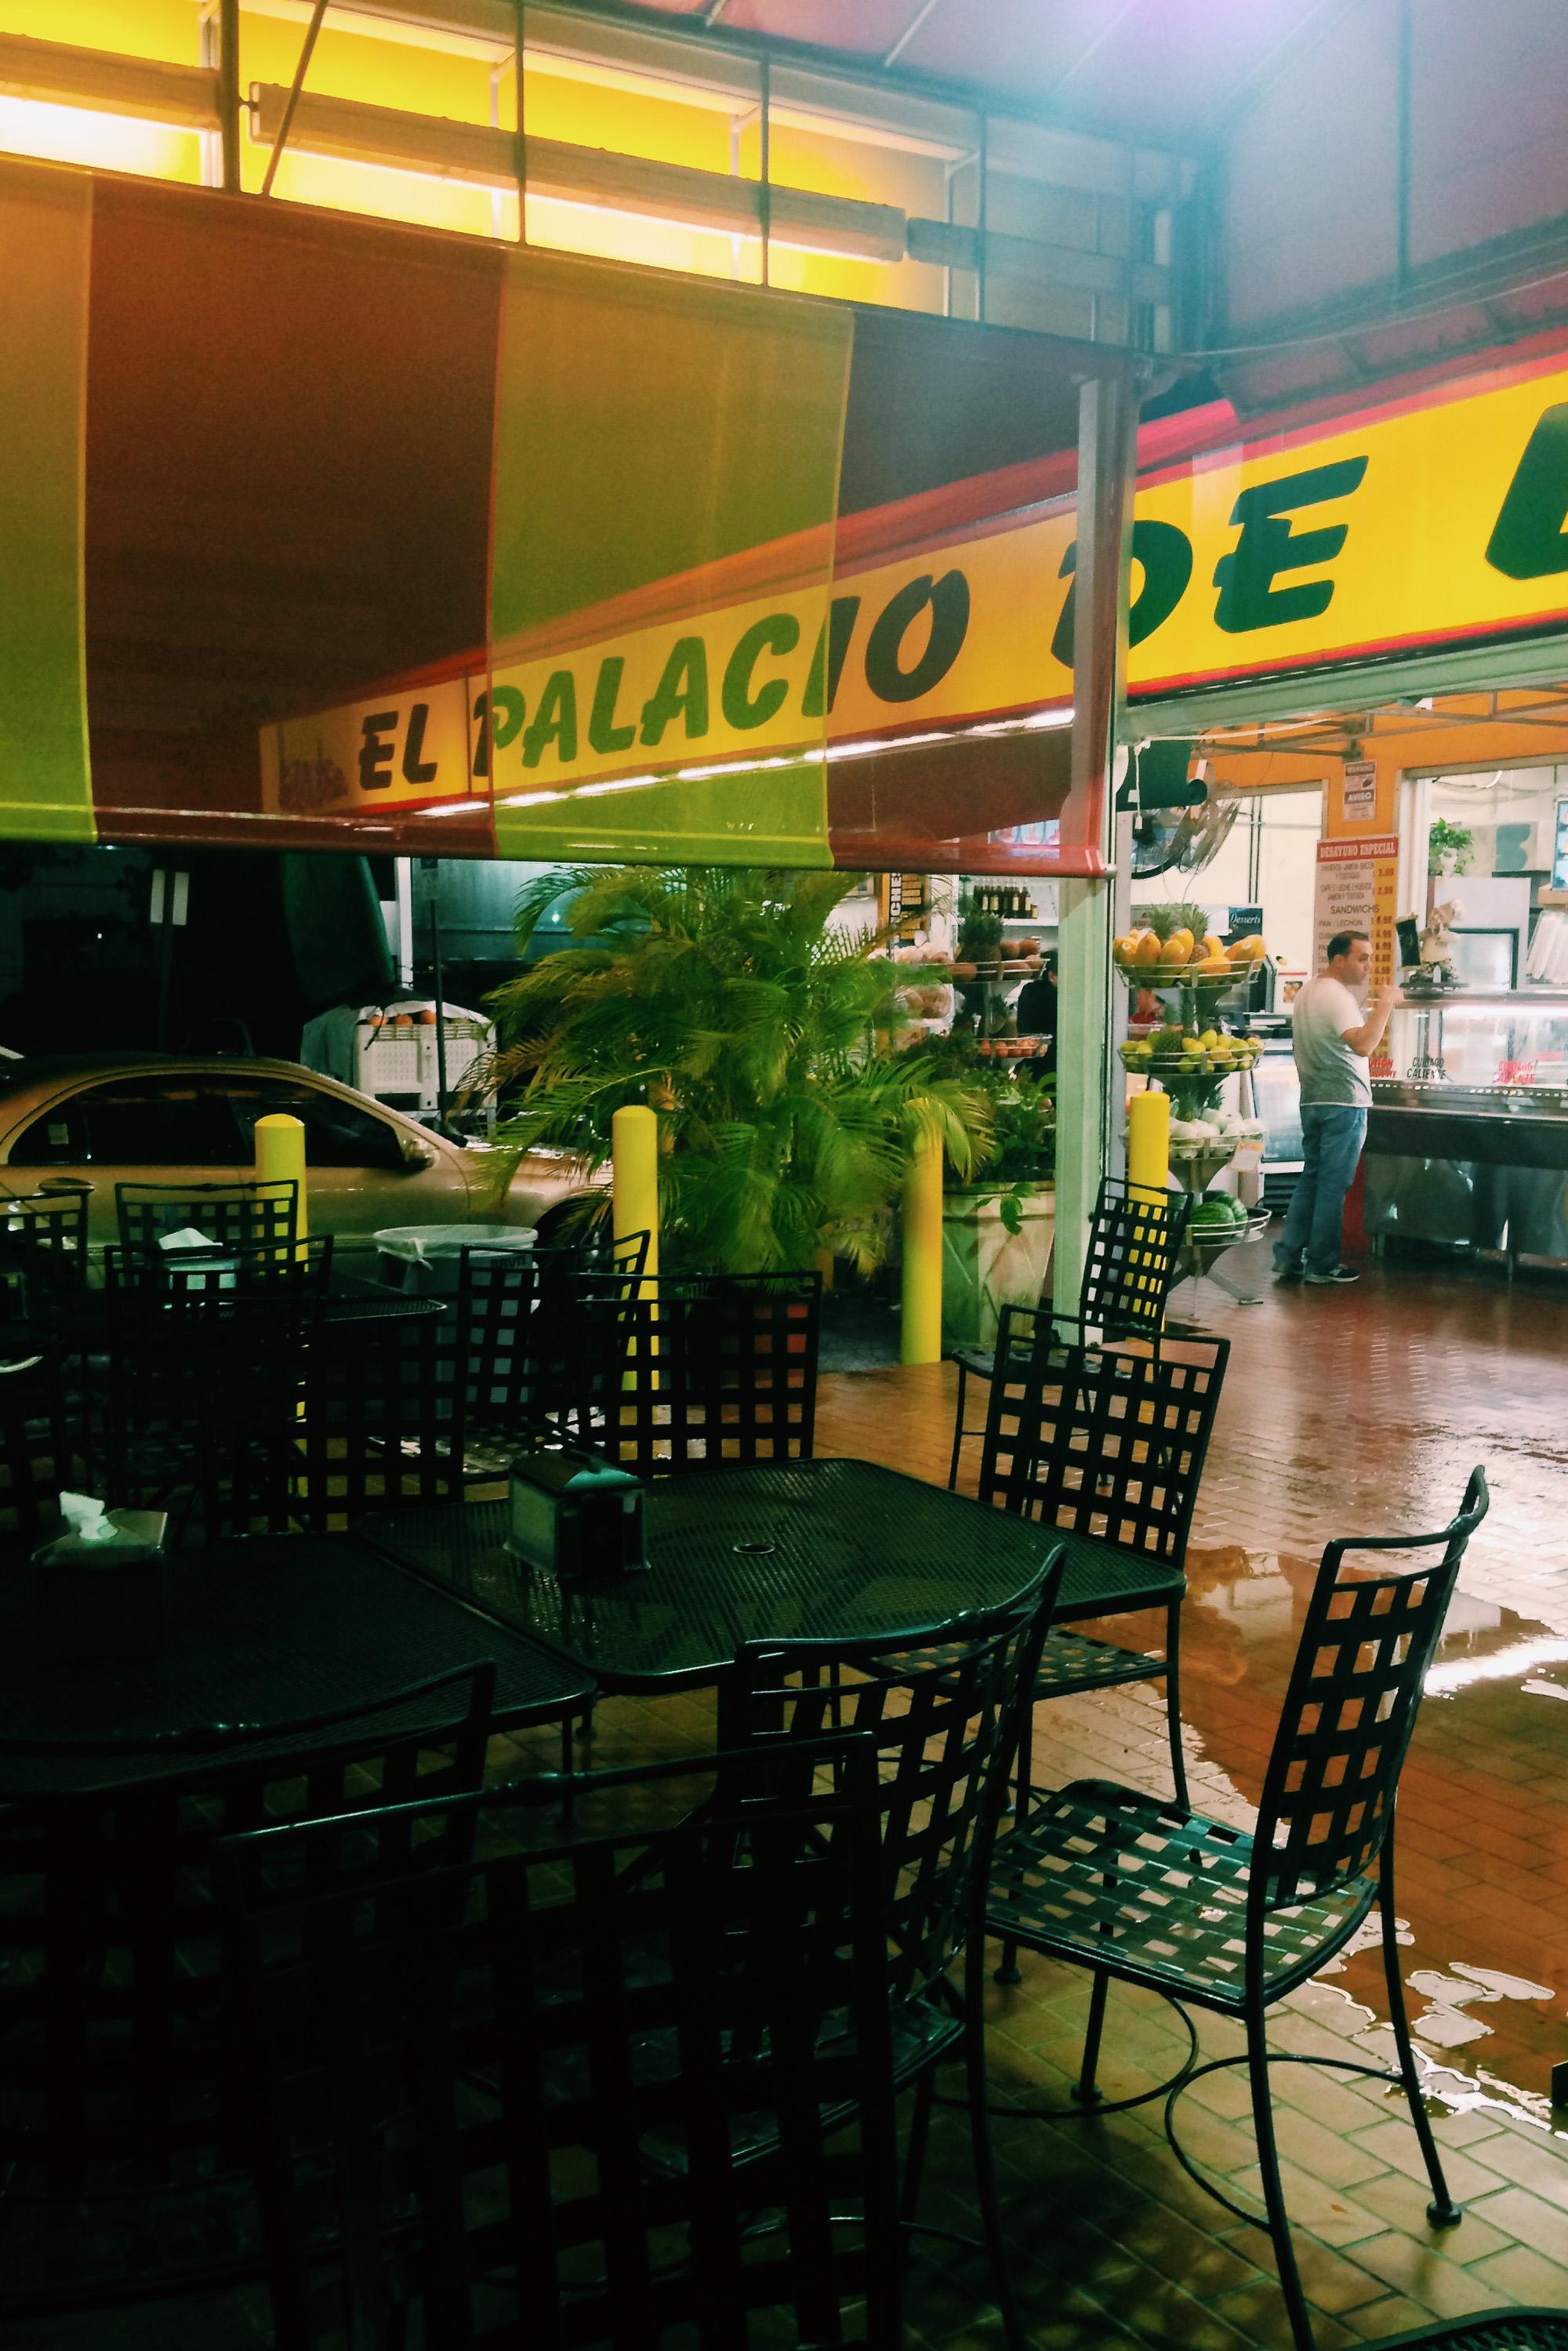 El Palacio de los Jugos, Miami Florida / Darker than Green